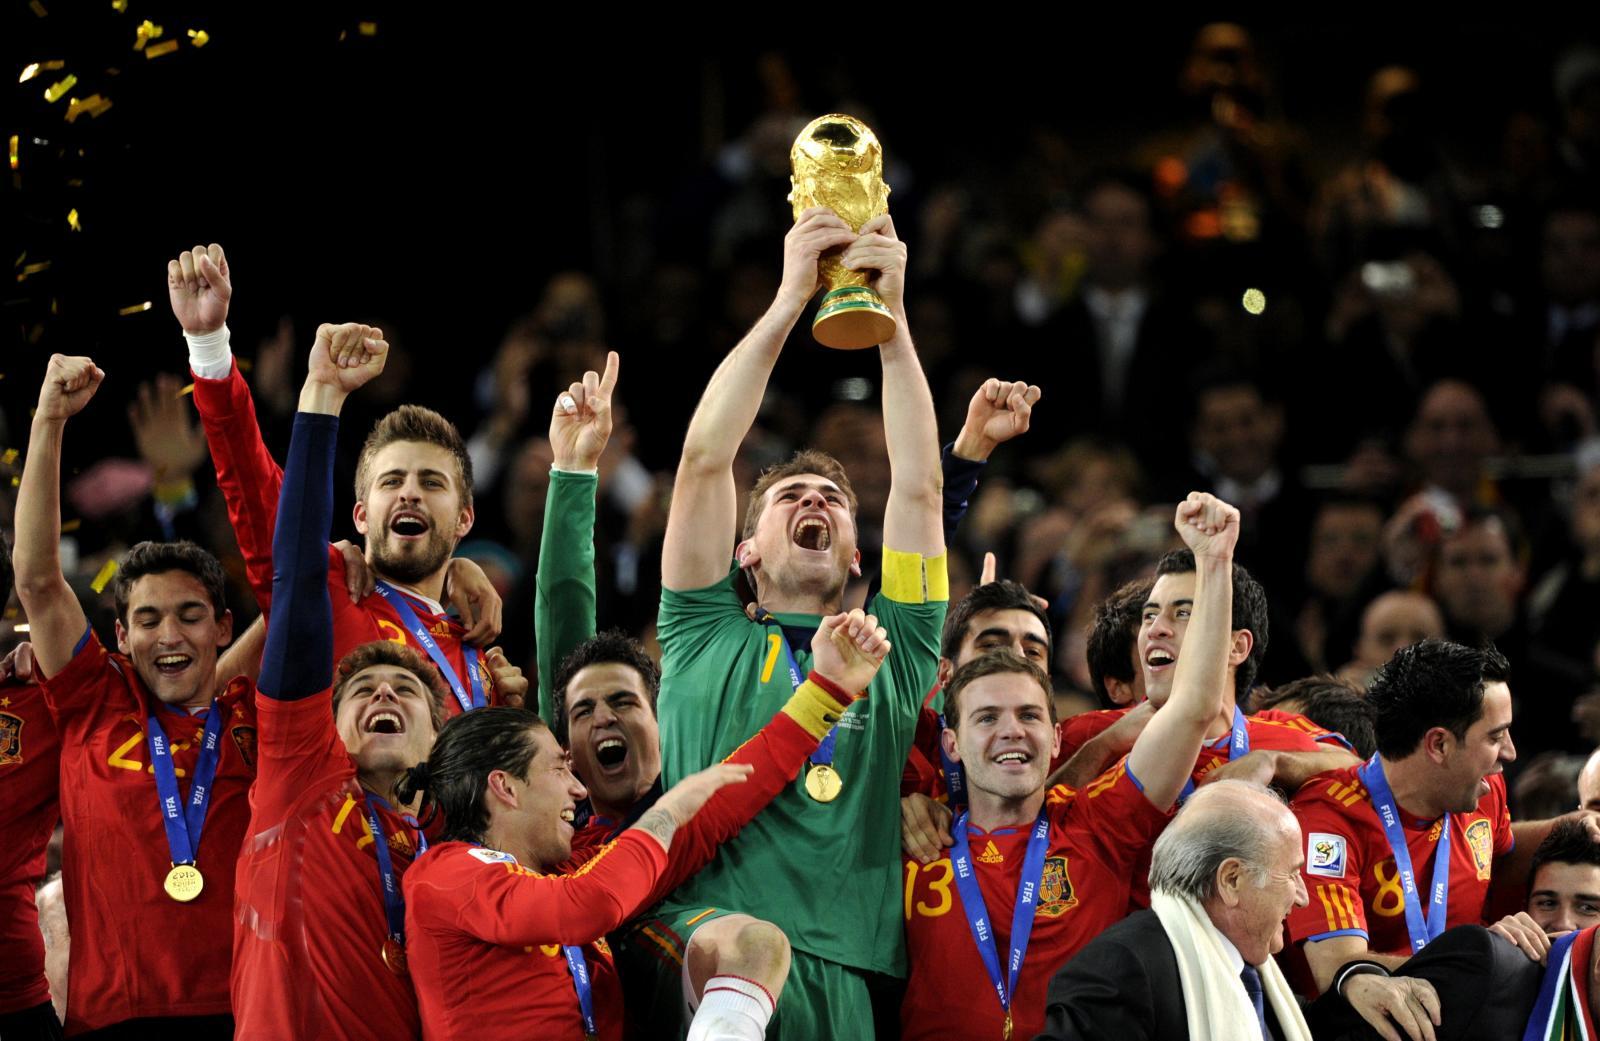 ทำเนียบแชมป์ฟุตบอลโลกจากอดีตถึงปัจจุบัน